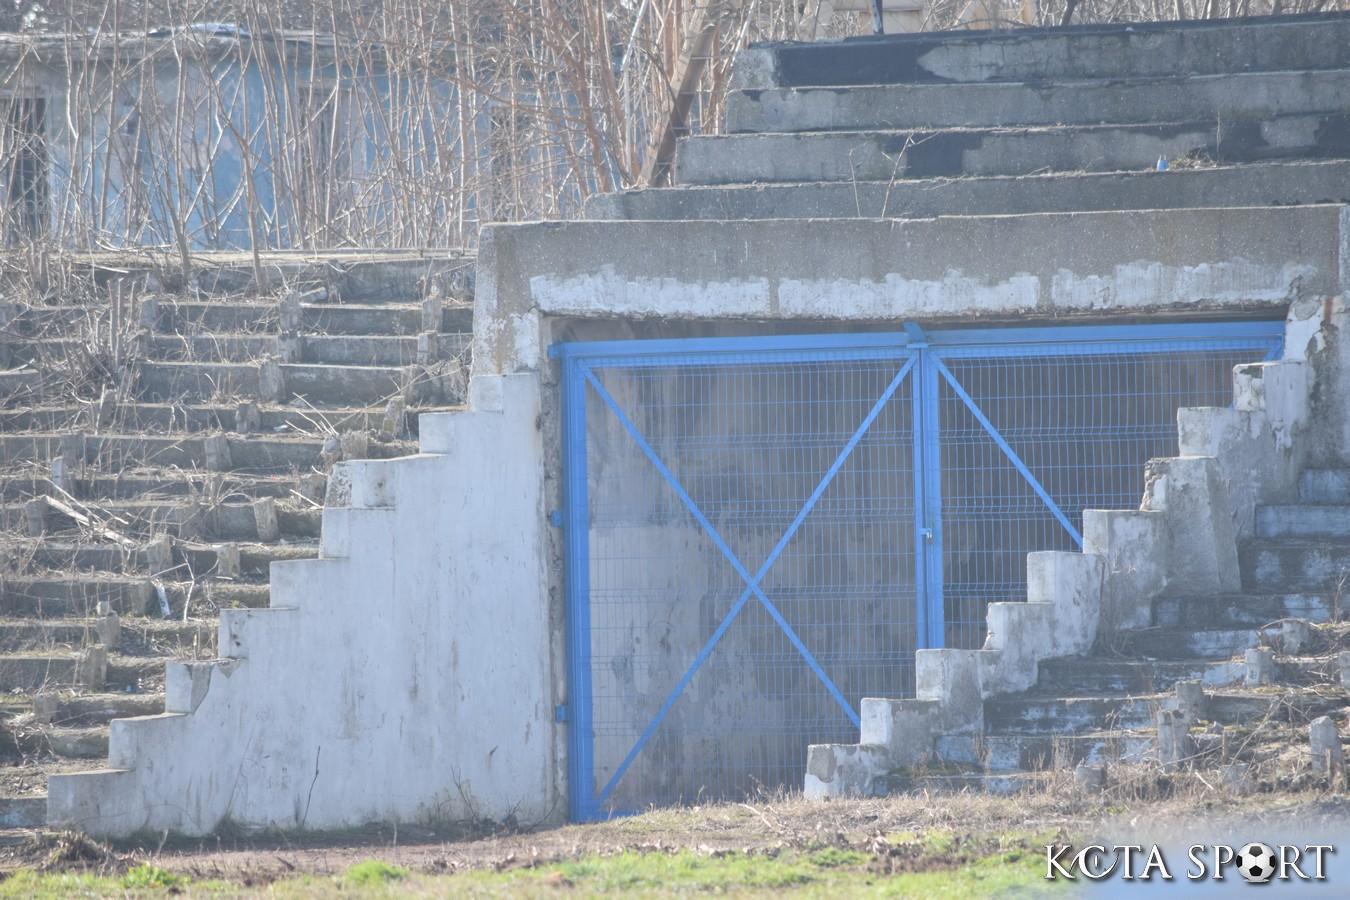 stadion chernomoretz 23